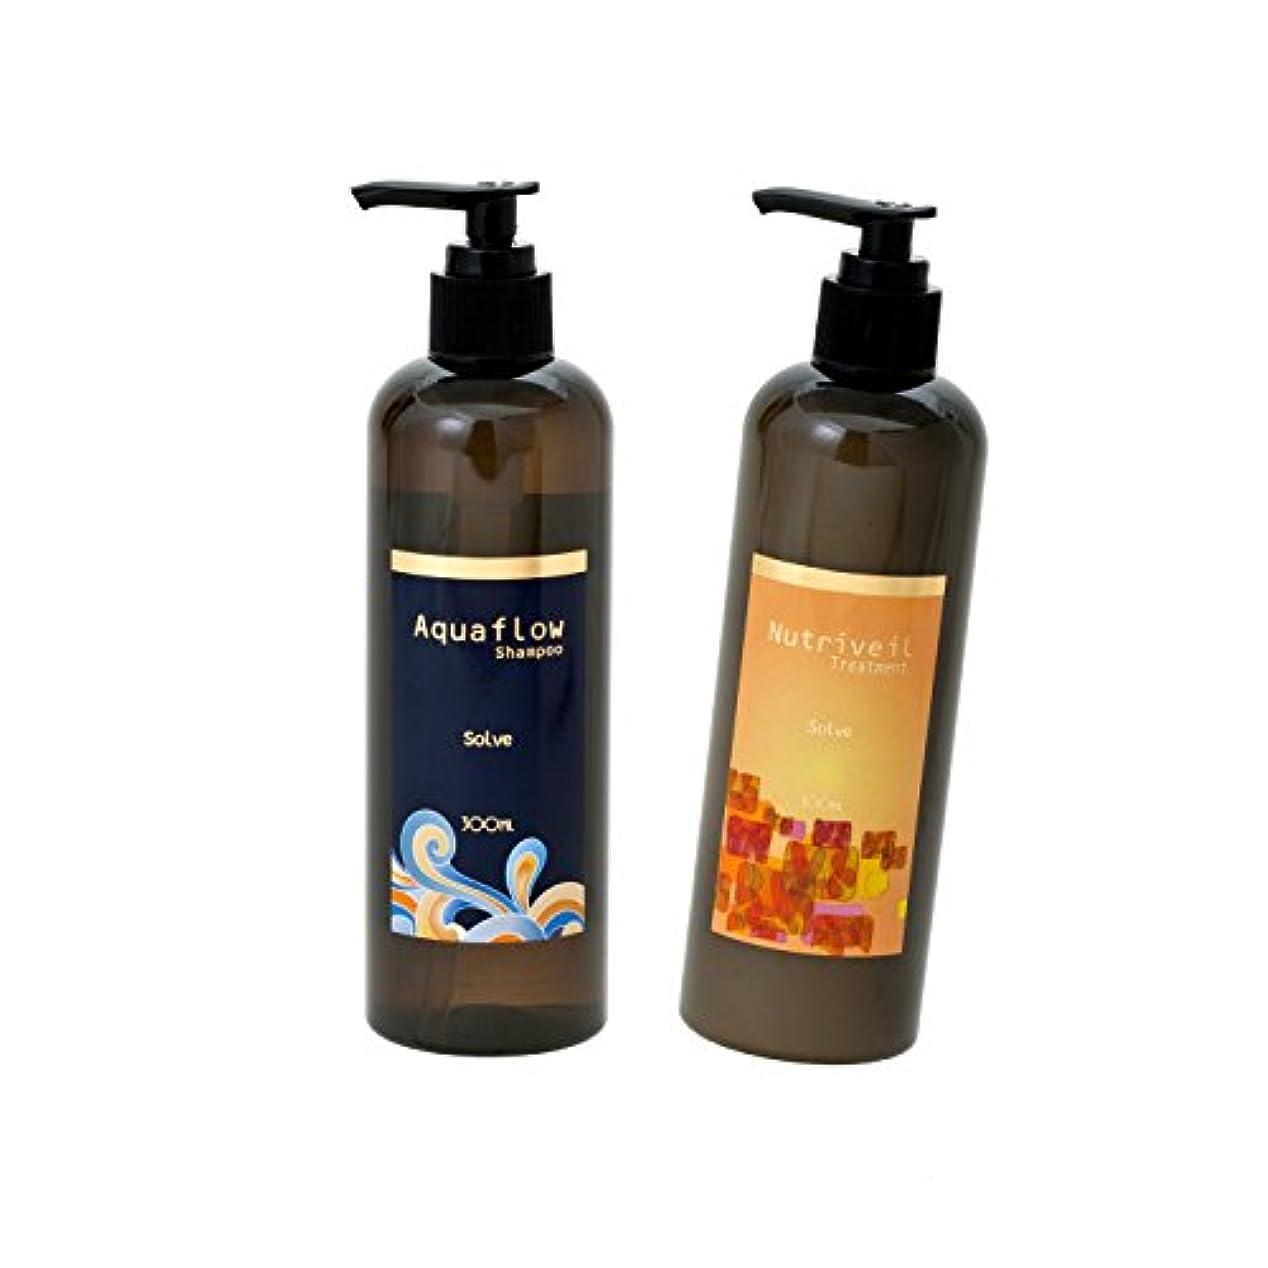 構想する電気陽性バイオレット縮毛矯正した髪を栄養そのもので洗うsolve|ソルブシャンプー「Aquaflow_アクアフロー」ソルブトリートメント「Nutriveil_ニュートリヴェール」セット|カラーの繰り返しで大きくダメージした髪のケアにも。 (...